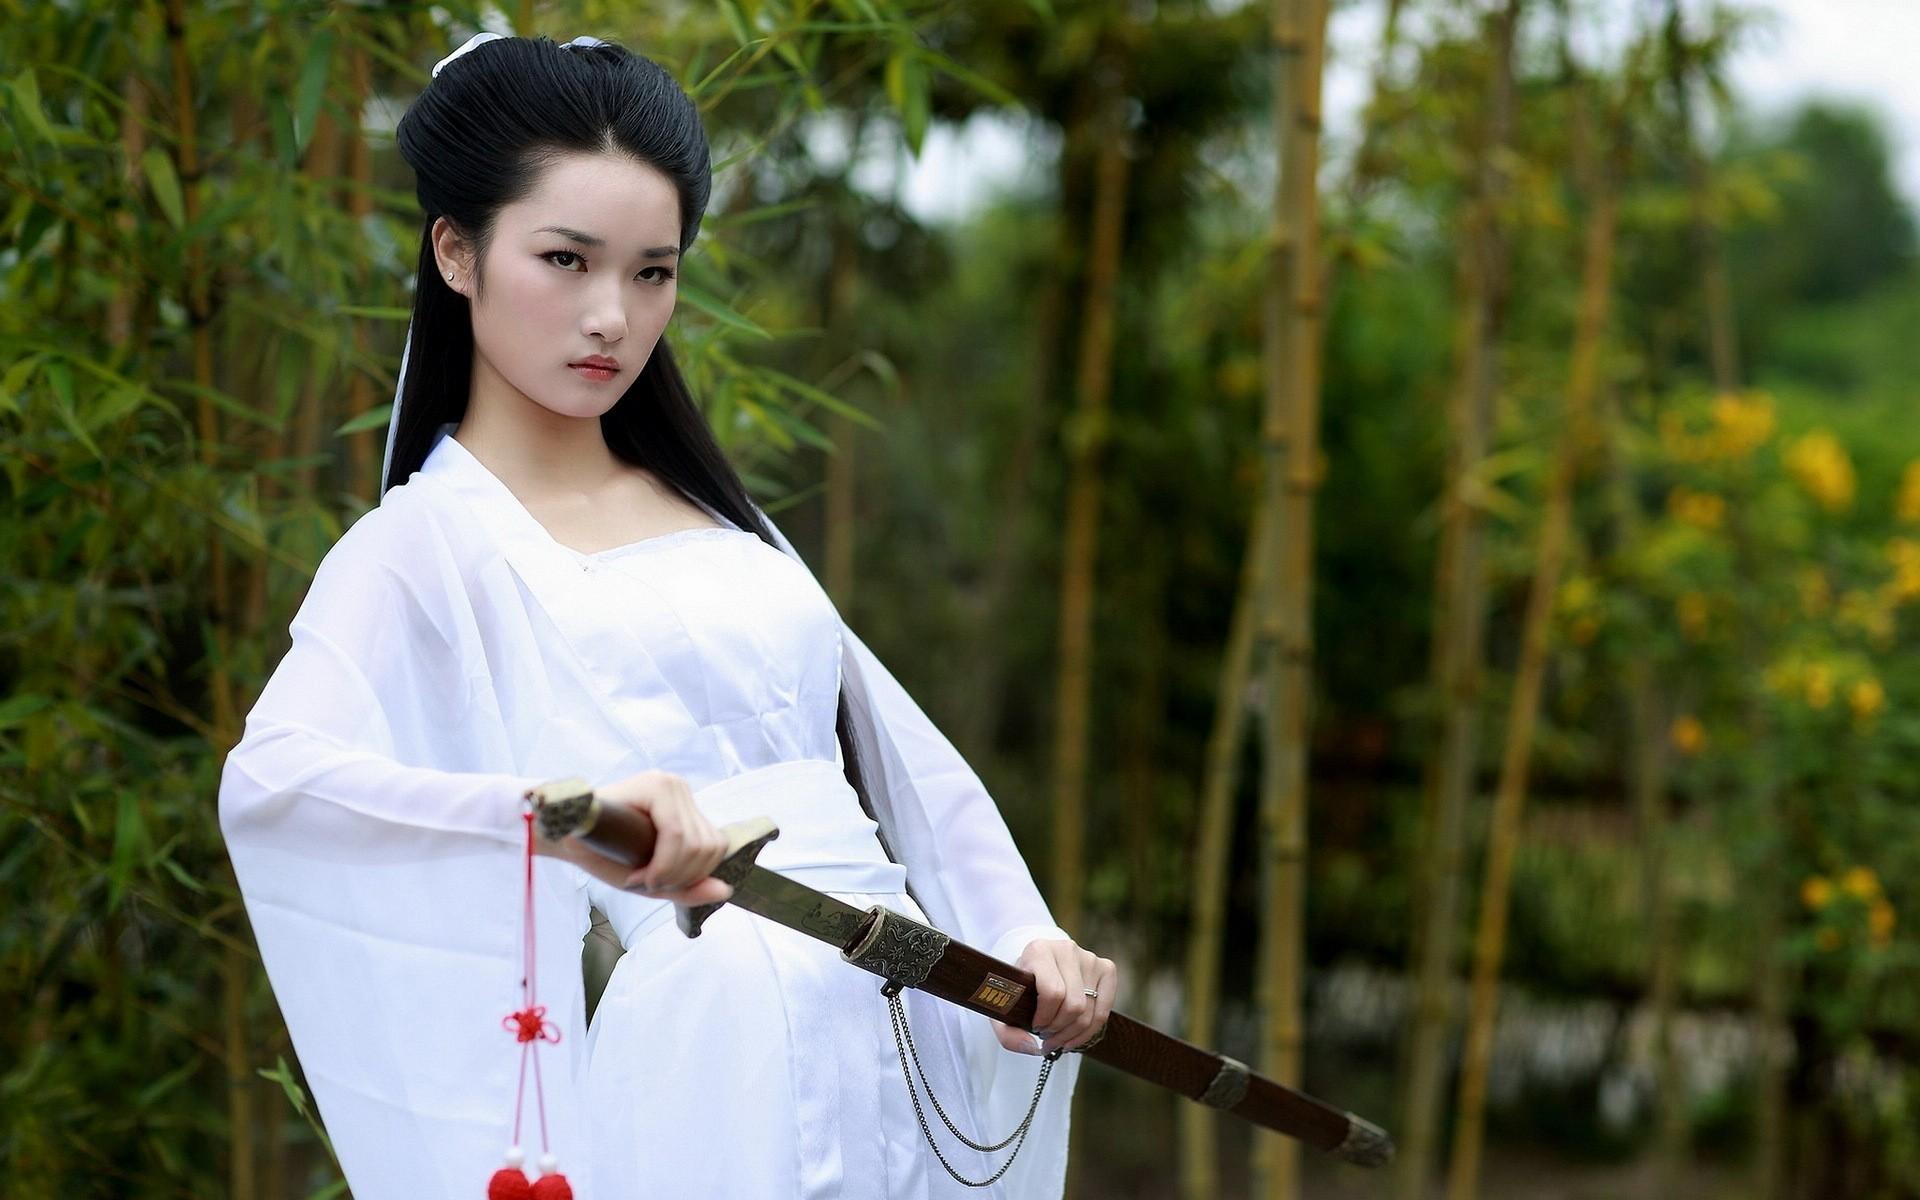 наклонился японка в белом фото как видете свою